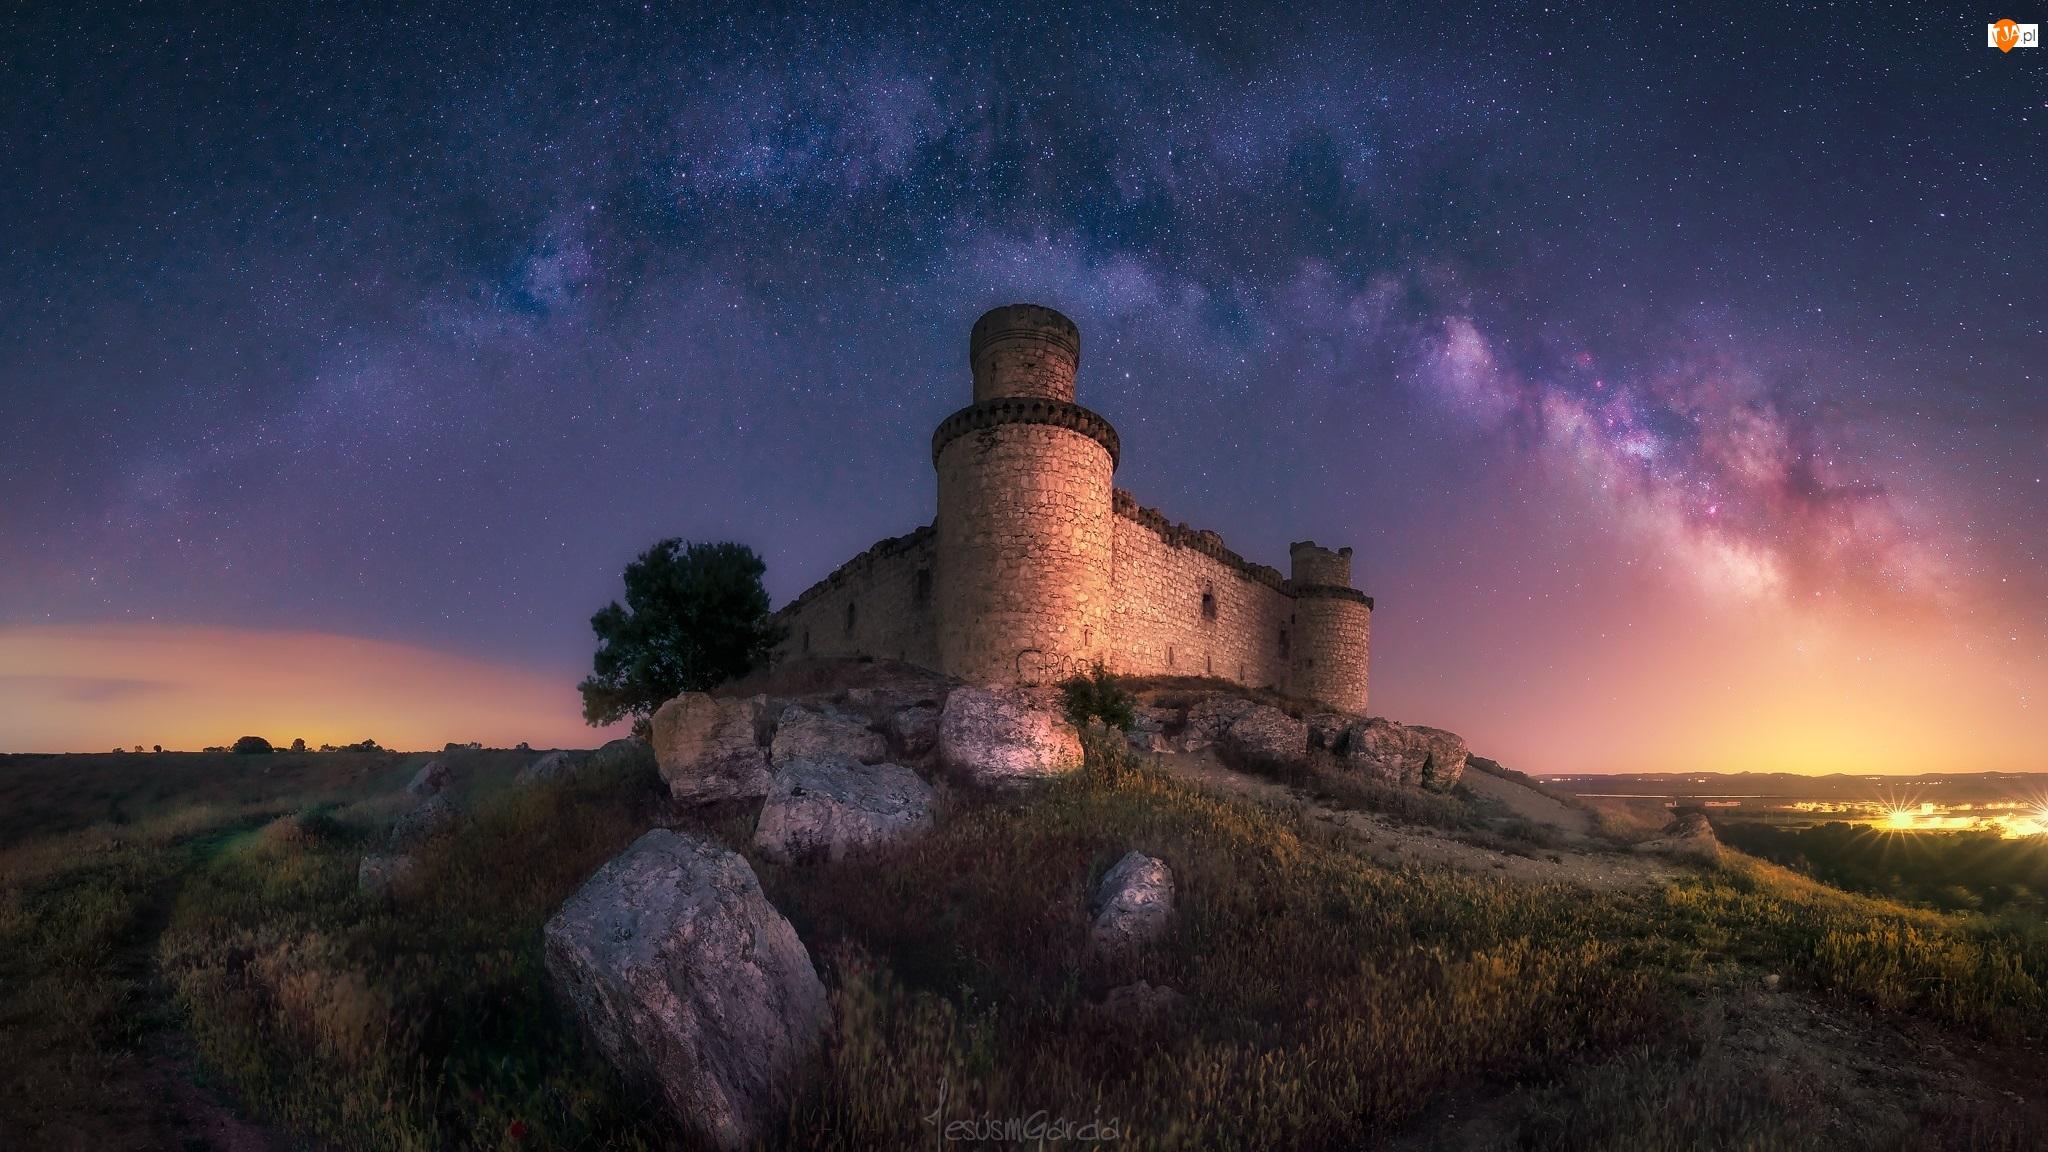 Toledo, Hiszpania, Noc, Droga Mleczna, Zamek Barcience, Gwiazdy